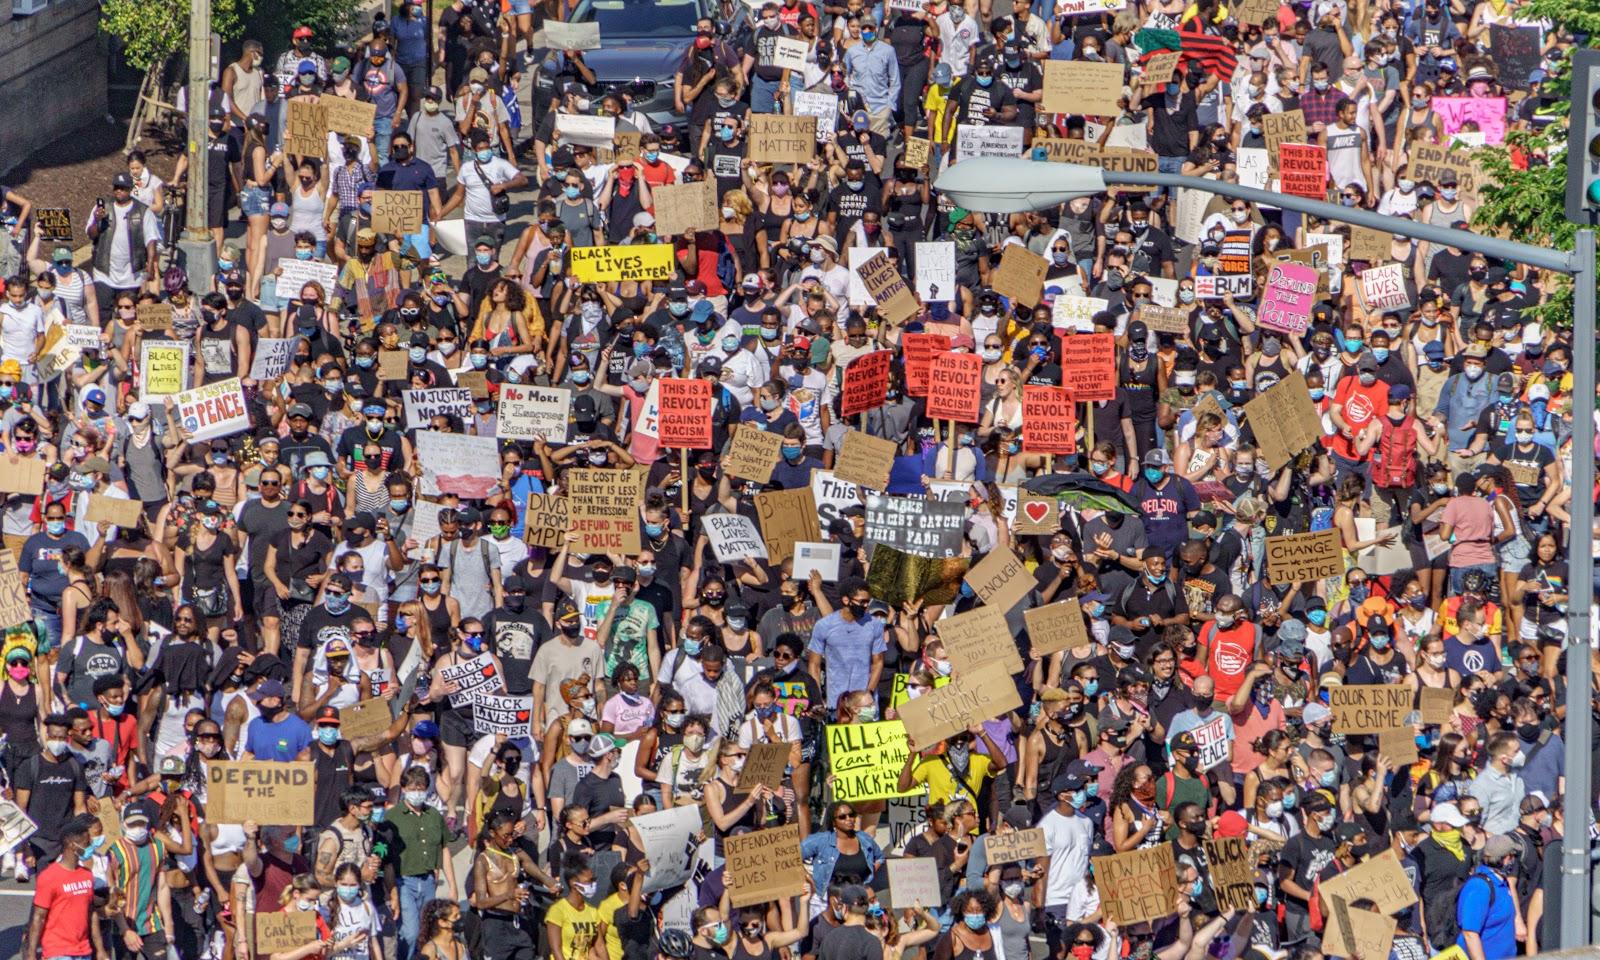 ジョージ・フロイドに纏わる黒人差別の抗議デモのアメリカのワシントンDCの群衆